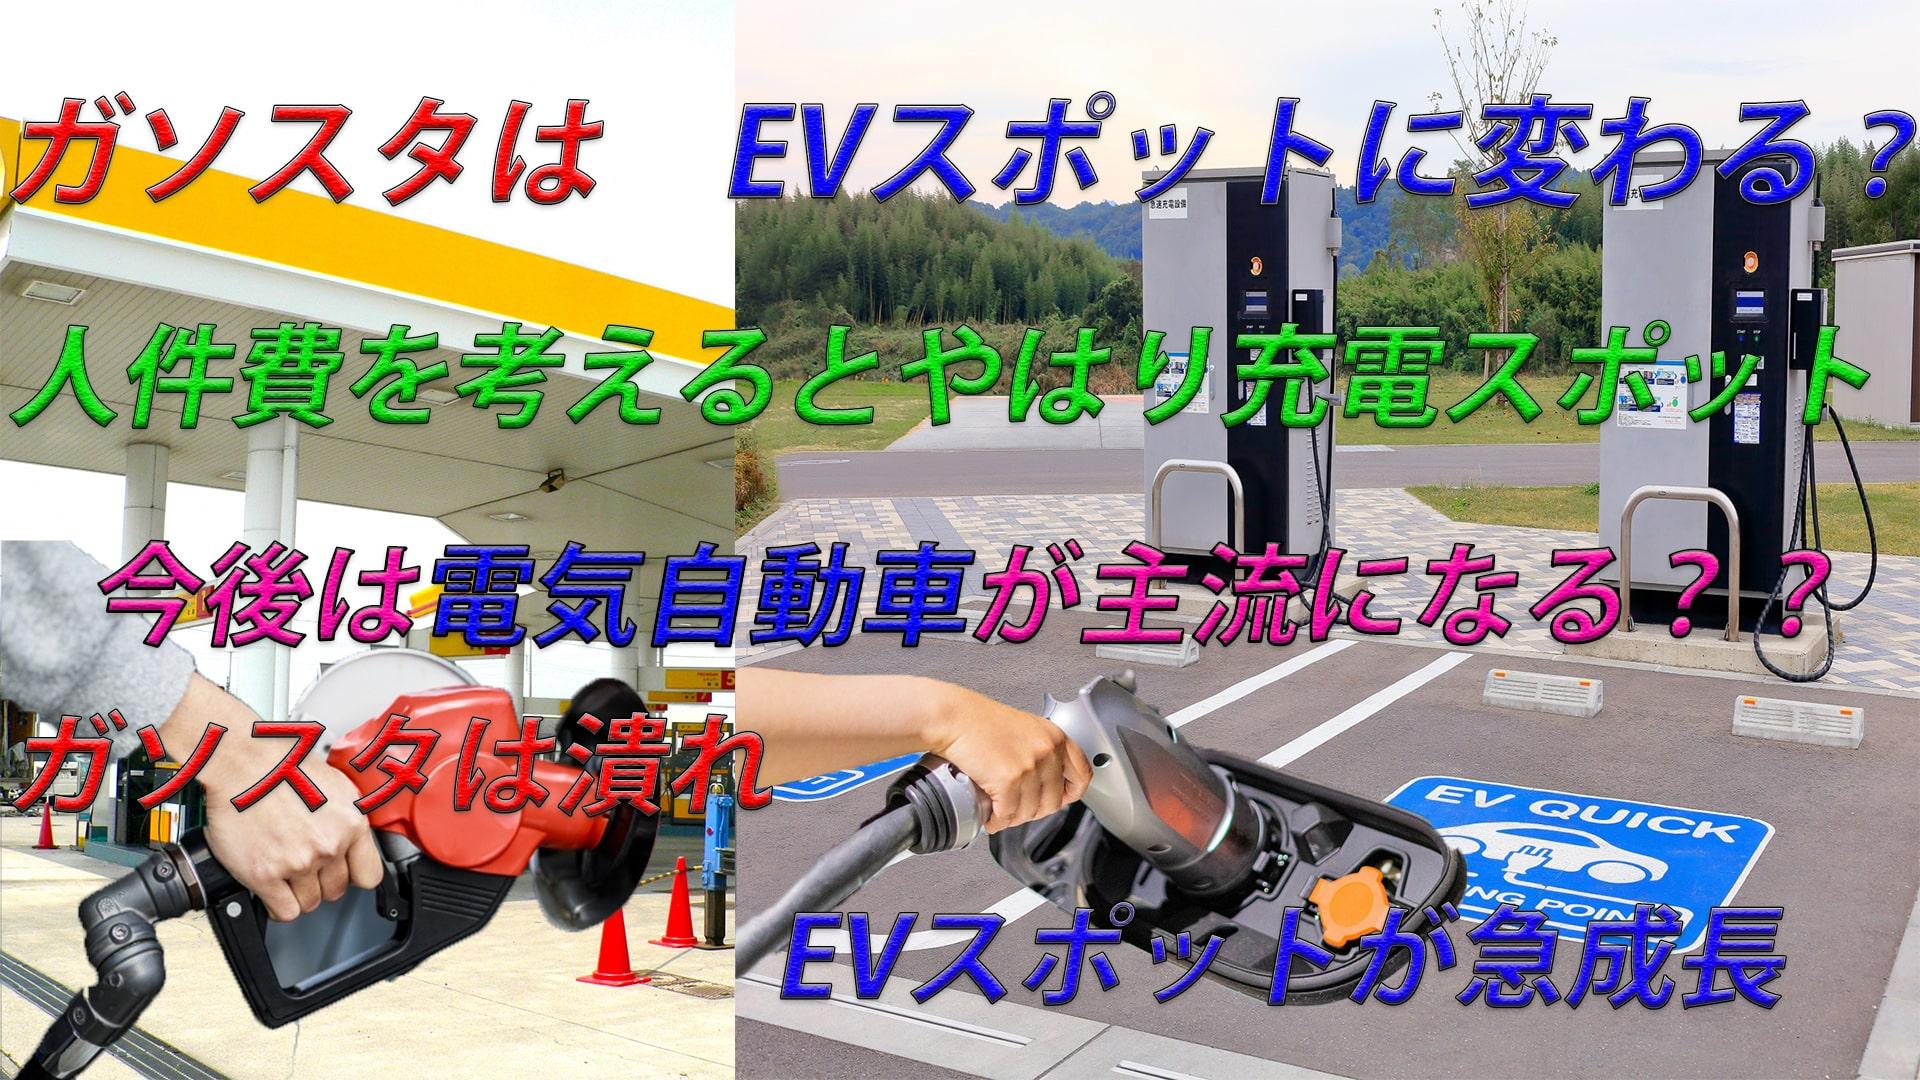 ガソスタはEV充電器に変わる?現店員から厳しい目でみたお話。